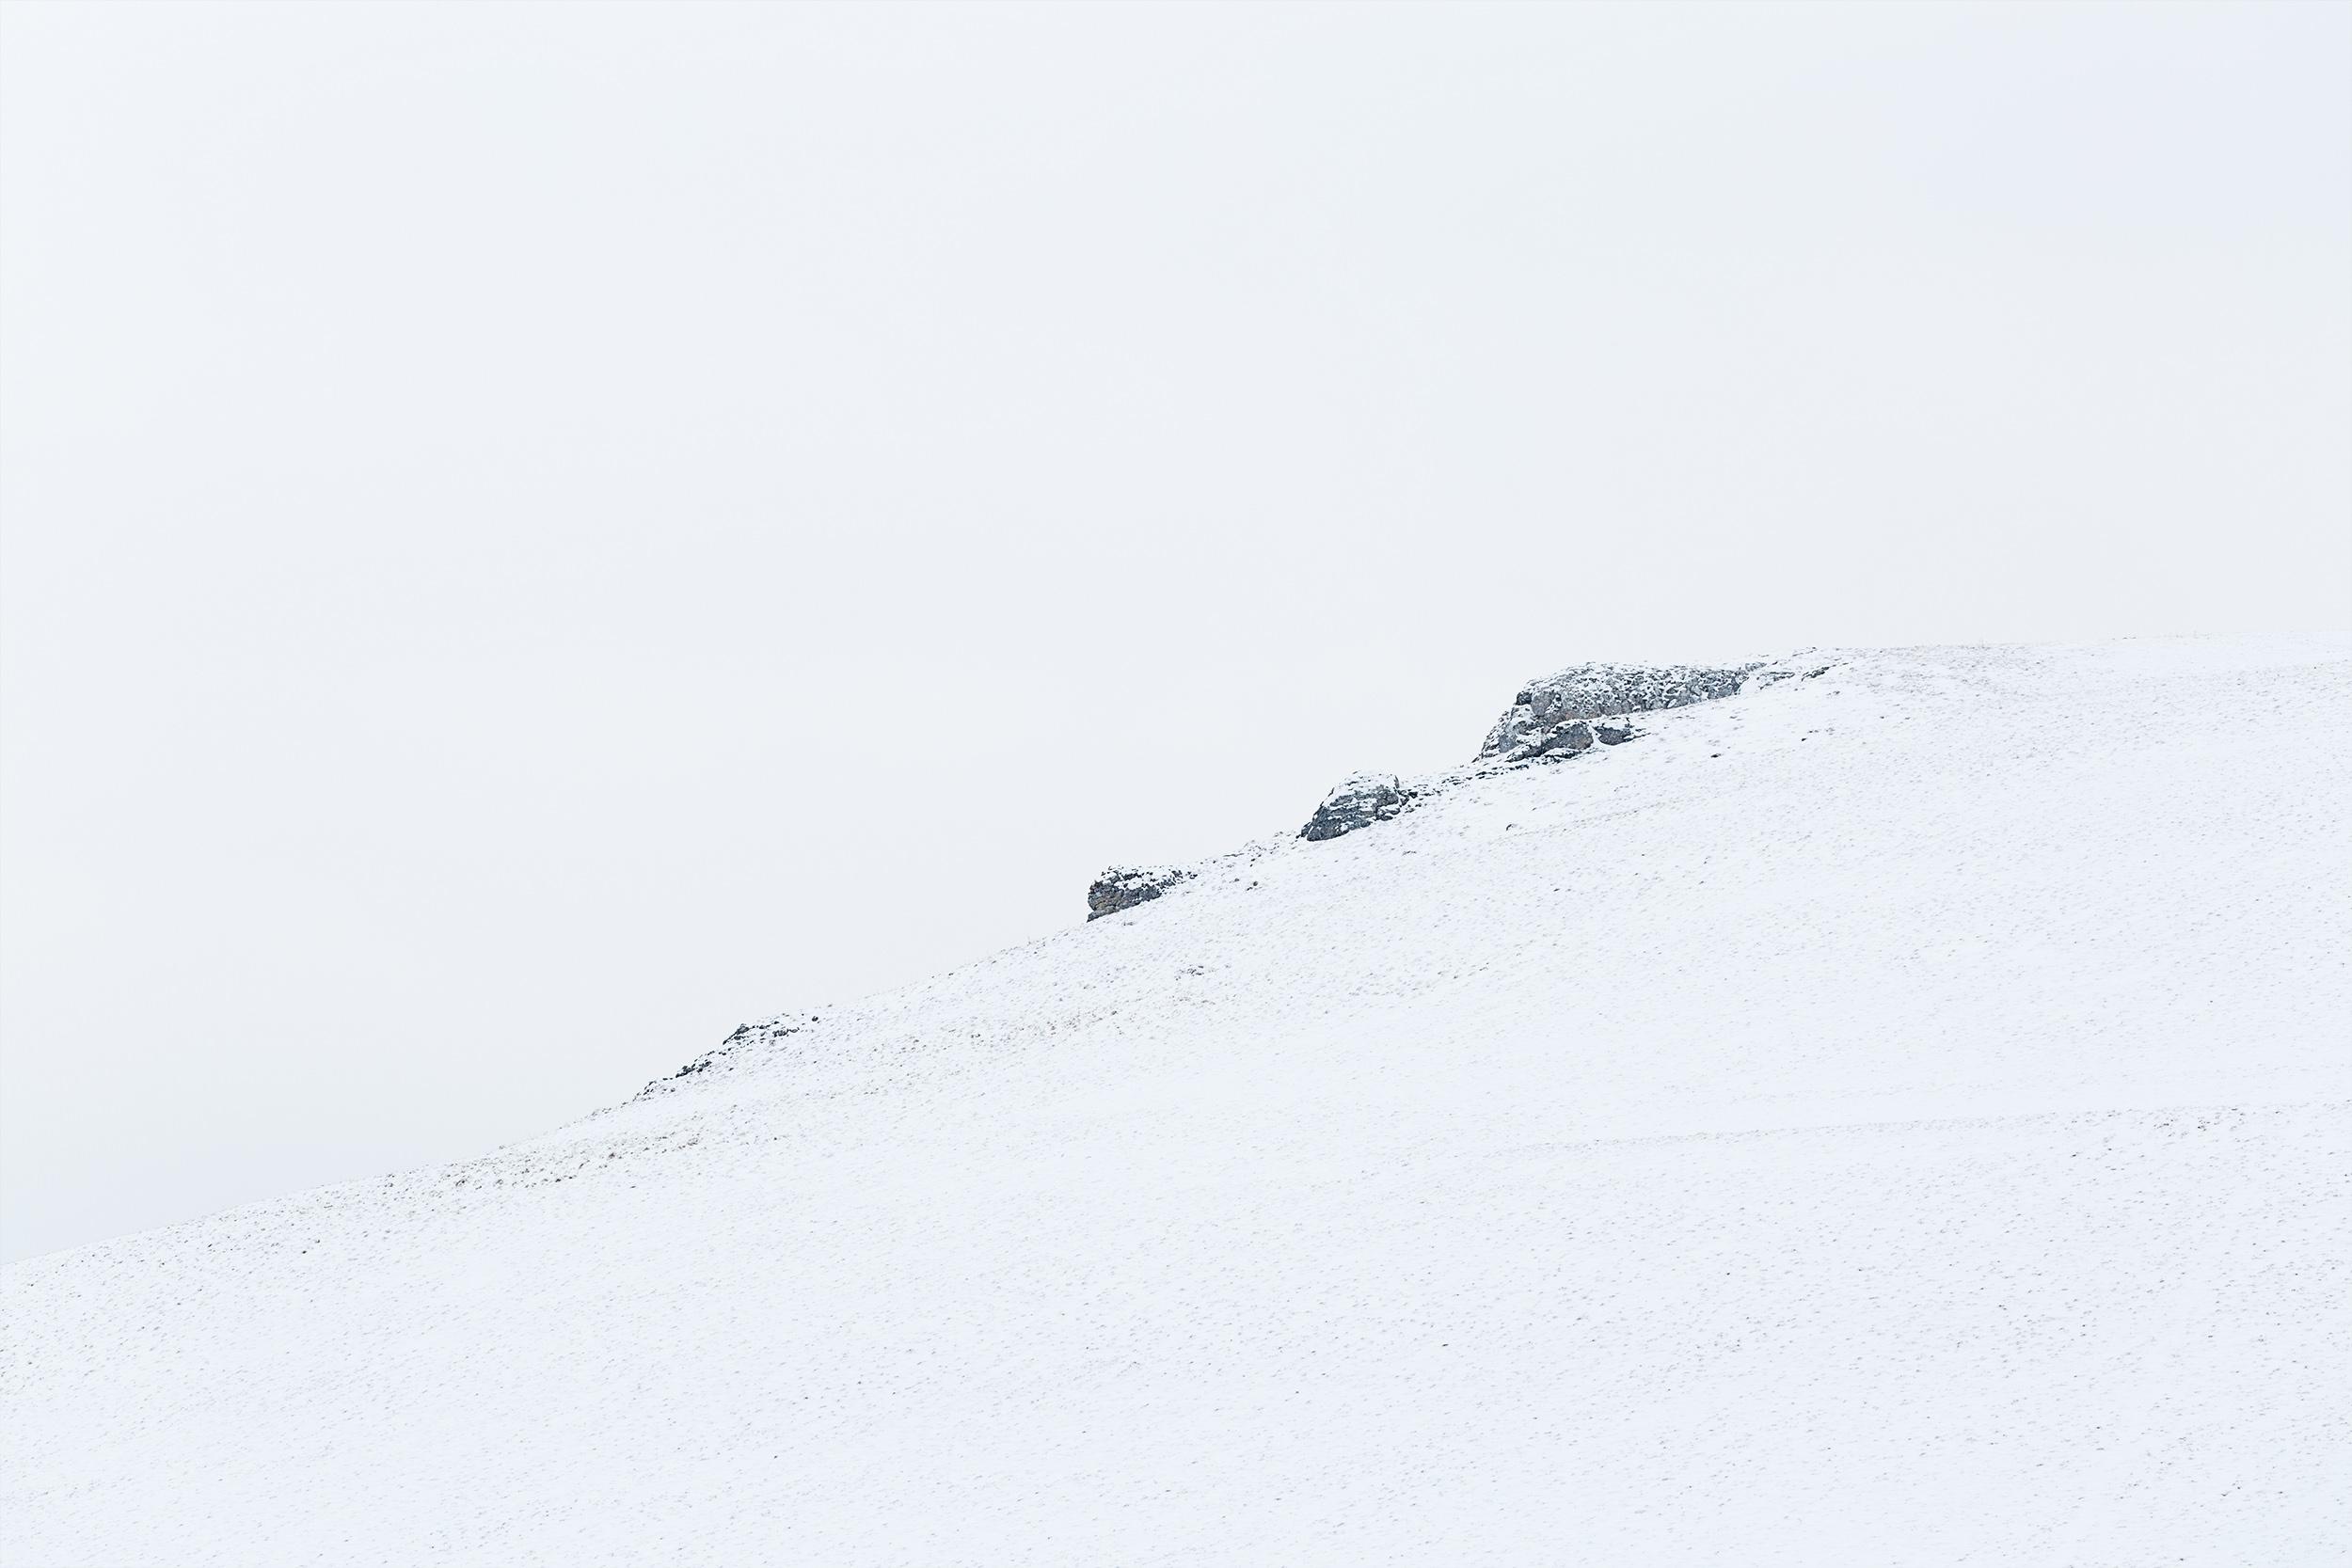 Aussichtspunkt Kalksteinfelsen bei Undingen im Schnee.